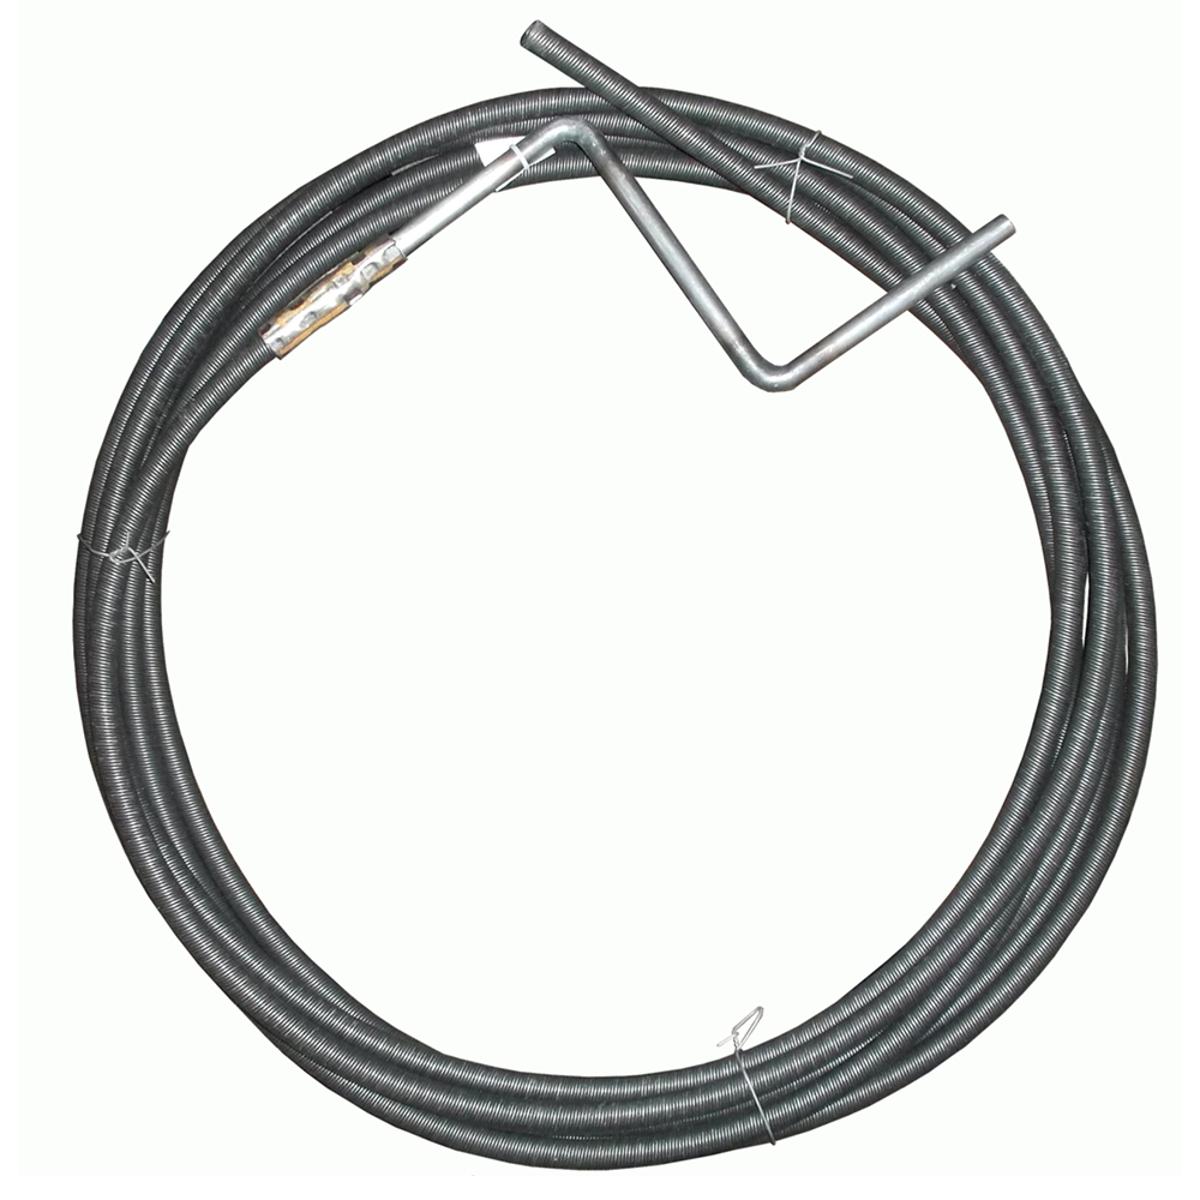 Трос для прочистки канализационных труб МастерПроф, толщина 9 мм, длина 2,5 мИС.130035Трос пружинный, утолщенный, витой, с приваренной ручкой, предназначен для прочистки засоров в канализационных трубах. Трос изготовлен из черной пружинной проволоки диаметром 1,4 мм, представляет собой спираль, распущенную на конус и с ручкой в виде кривого вала. Гибкий вал является одним из самых эффективных и доступных методов прочистки канализации от засоров. Во время работы с данным инструментом рекомендуется применять защитные средства: перчатки, маску, очки. Толщина: 9 мм. Длина: 2,5 м.